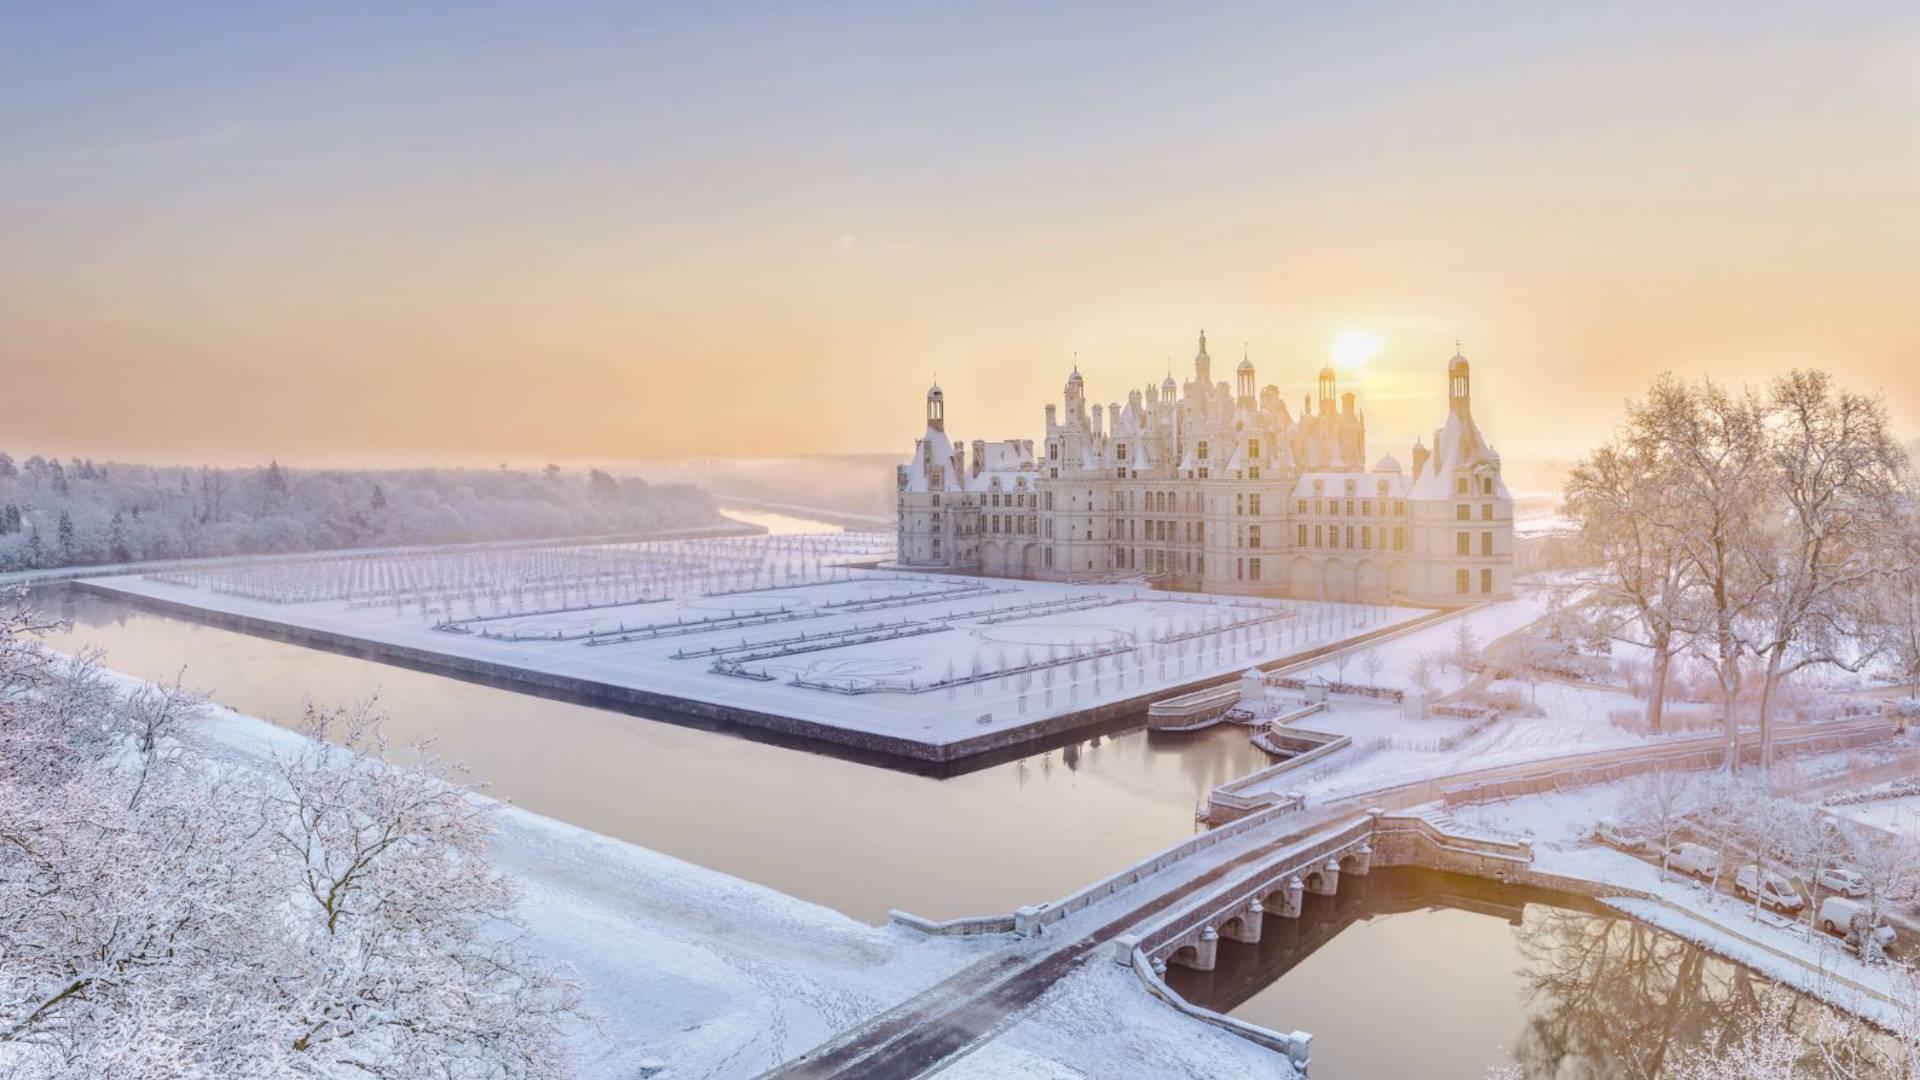 Chambord sous la neige